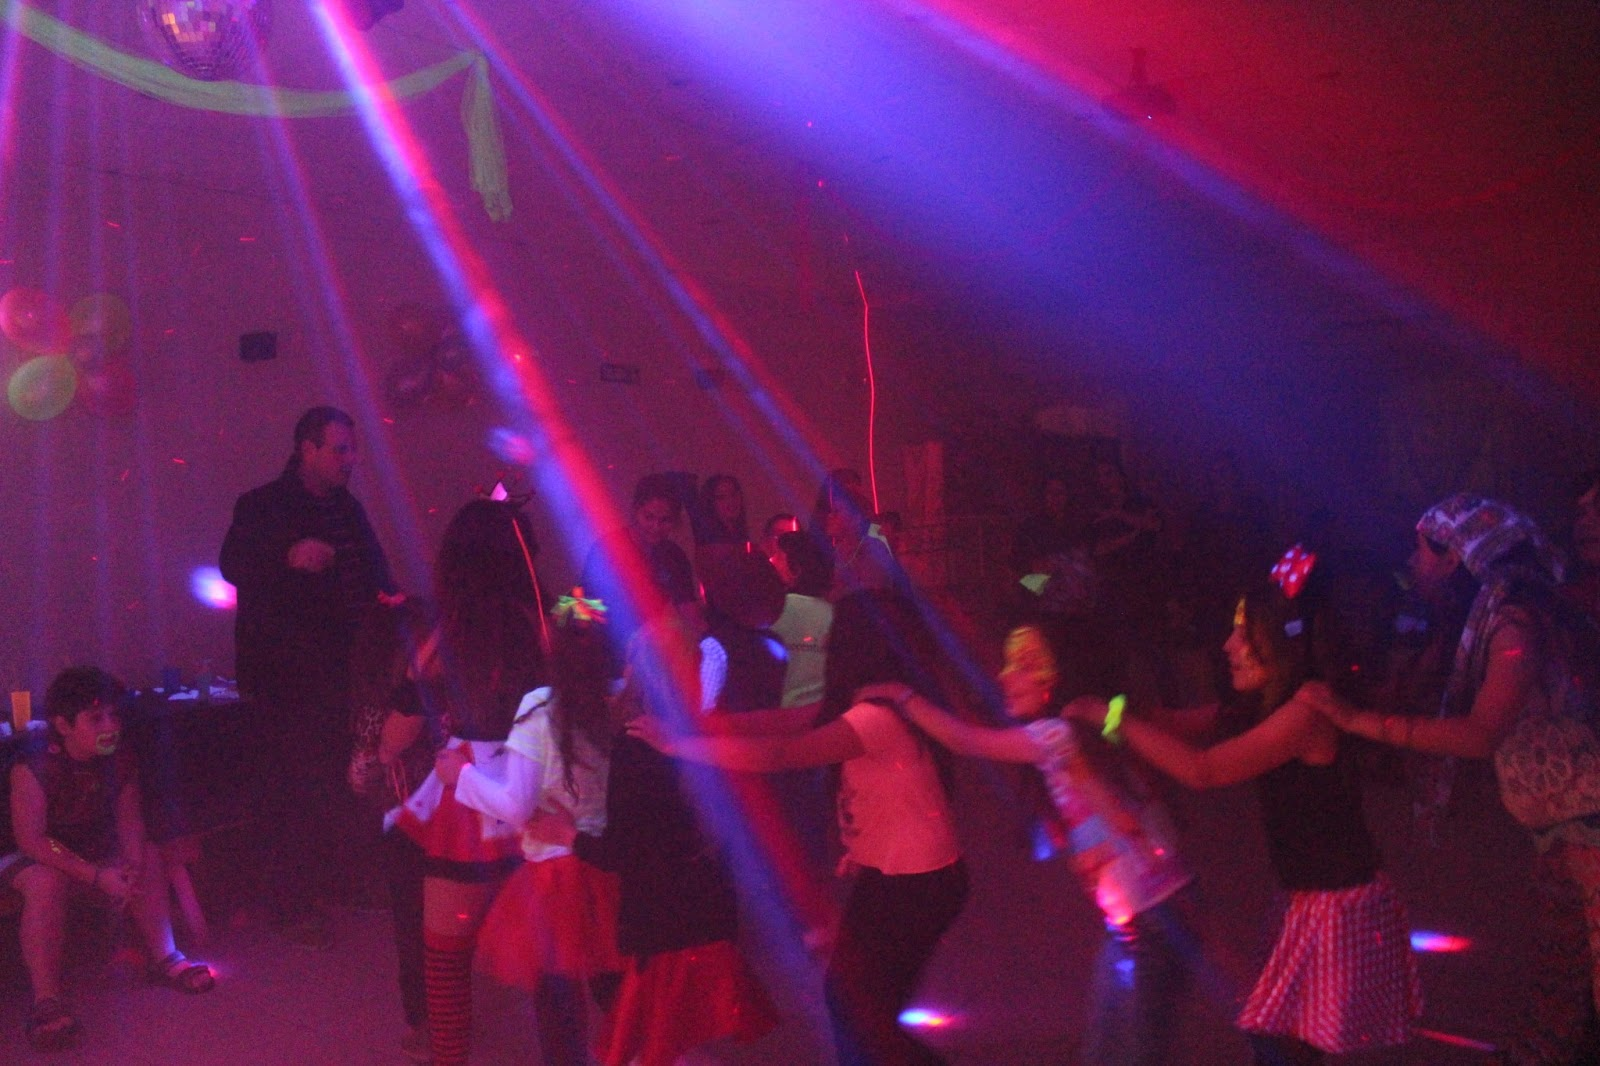 Pista de baile con esferas de leds, esferas de espejos, humo, burbujas, lasers